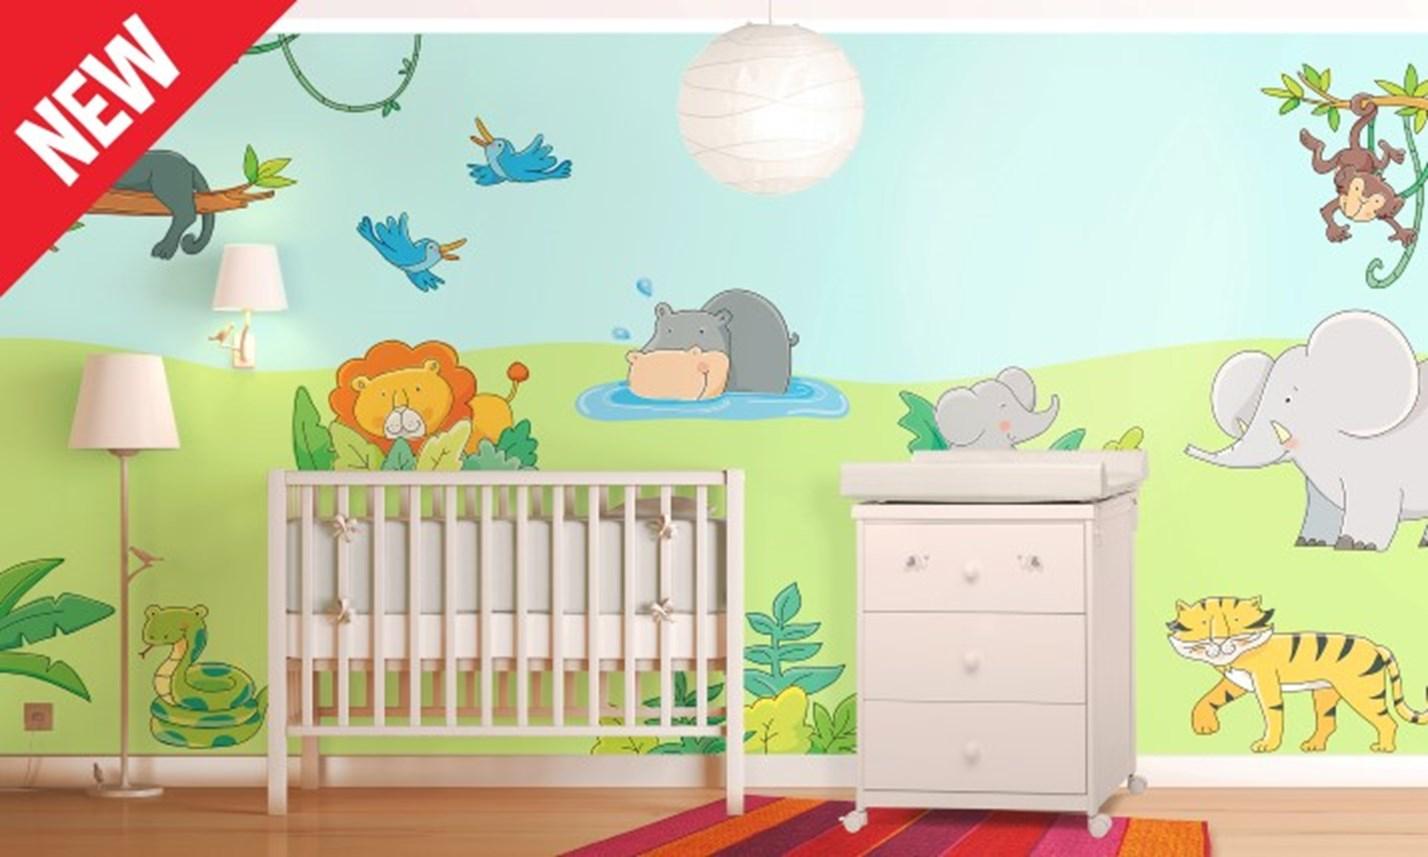 Stickers murali bambini cameretta il libro della giungla - Decorazioni murali bambini ...